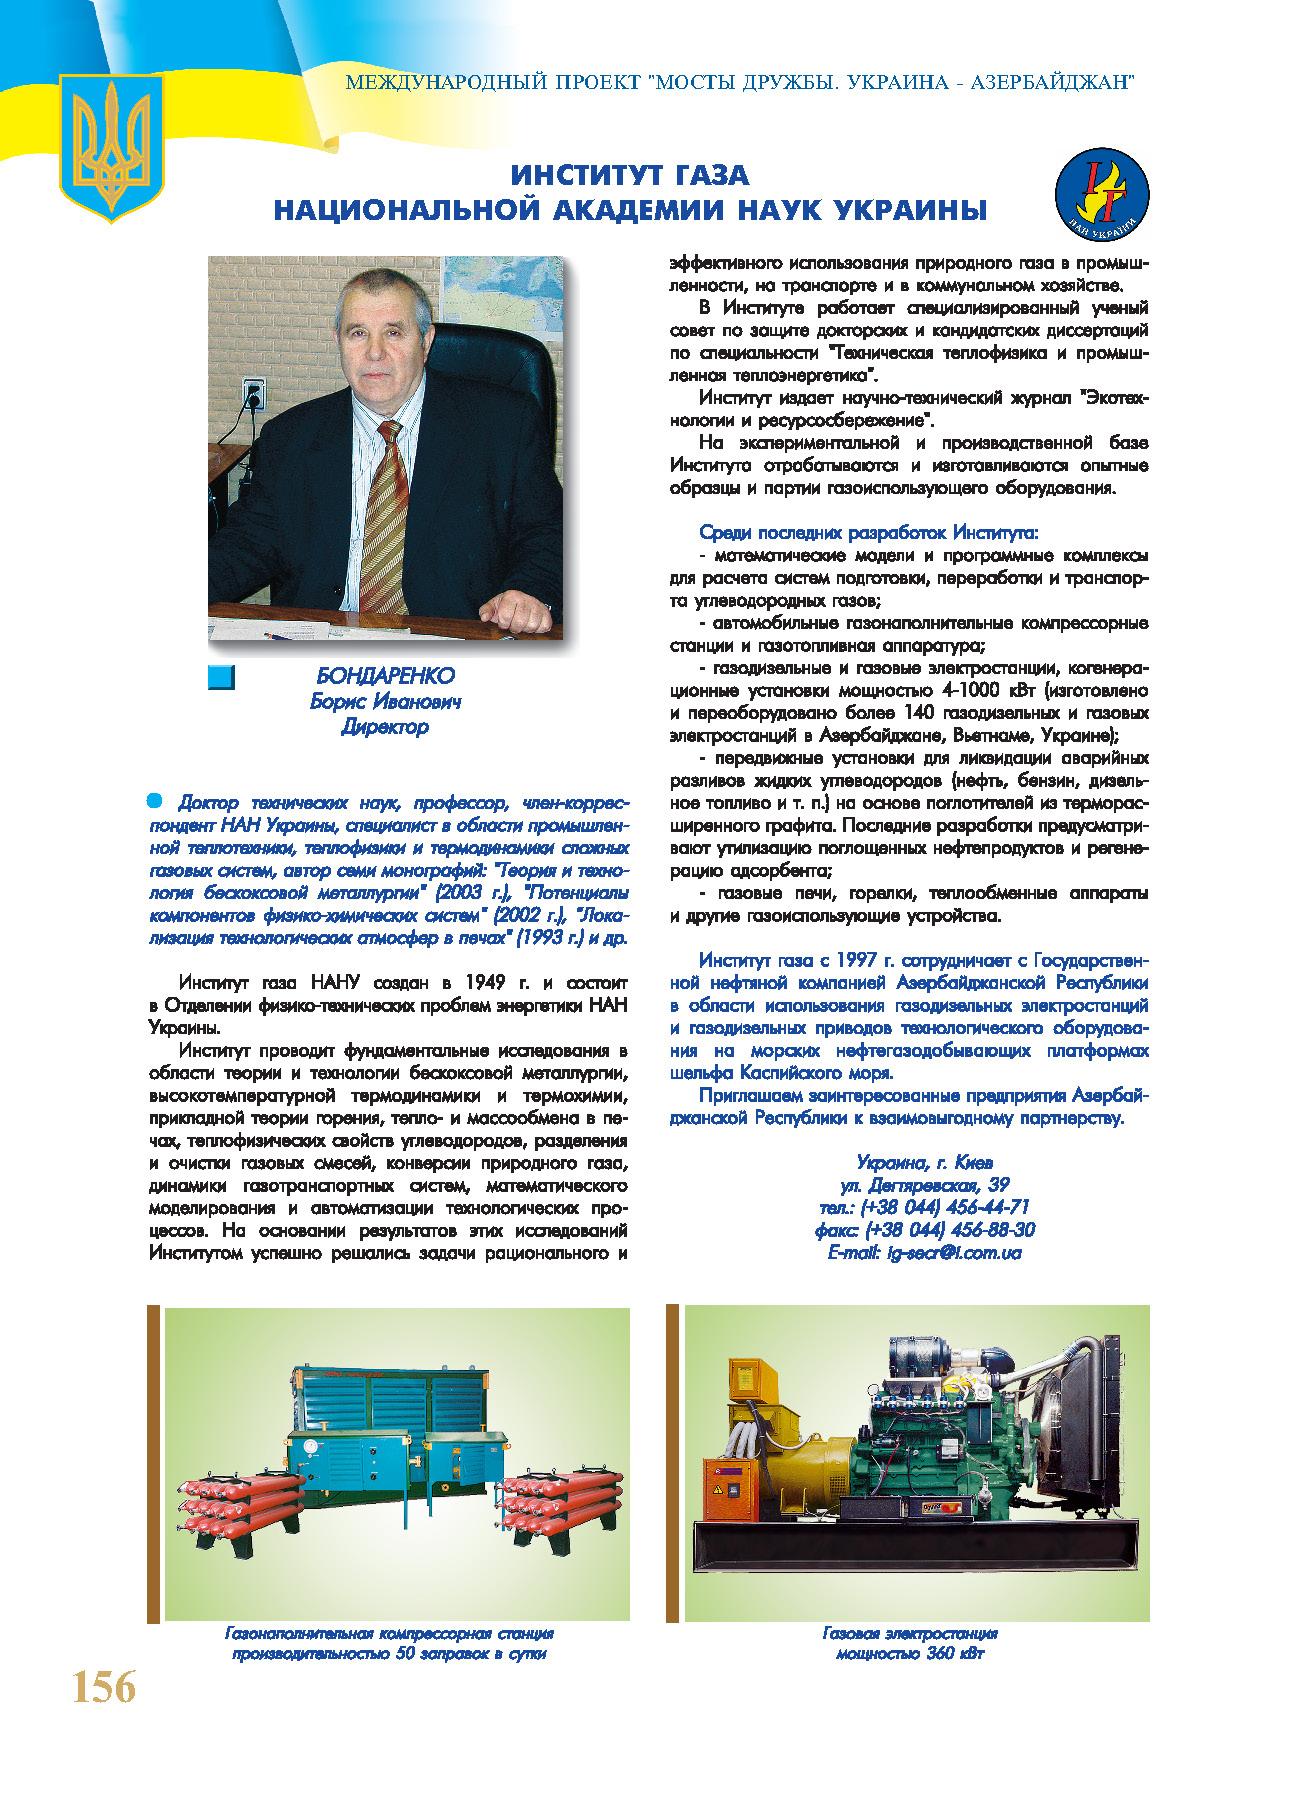 Институт газа Национальной академии наук Украины